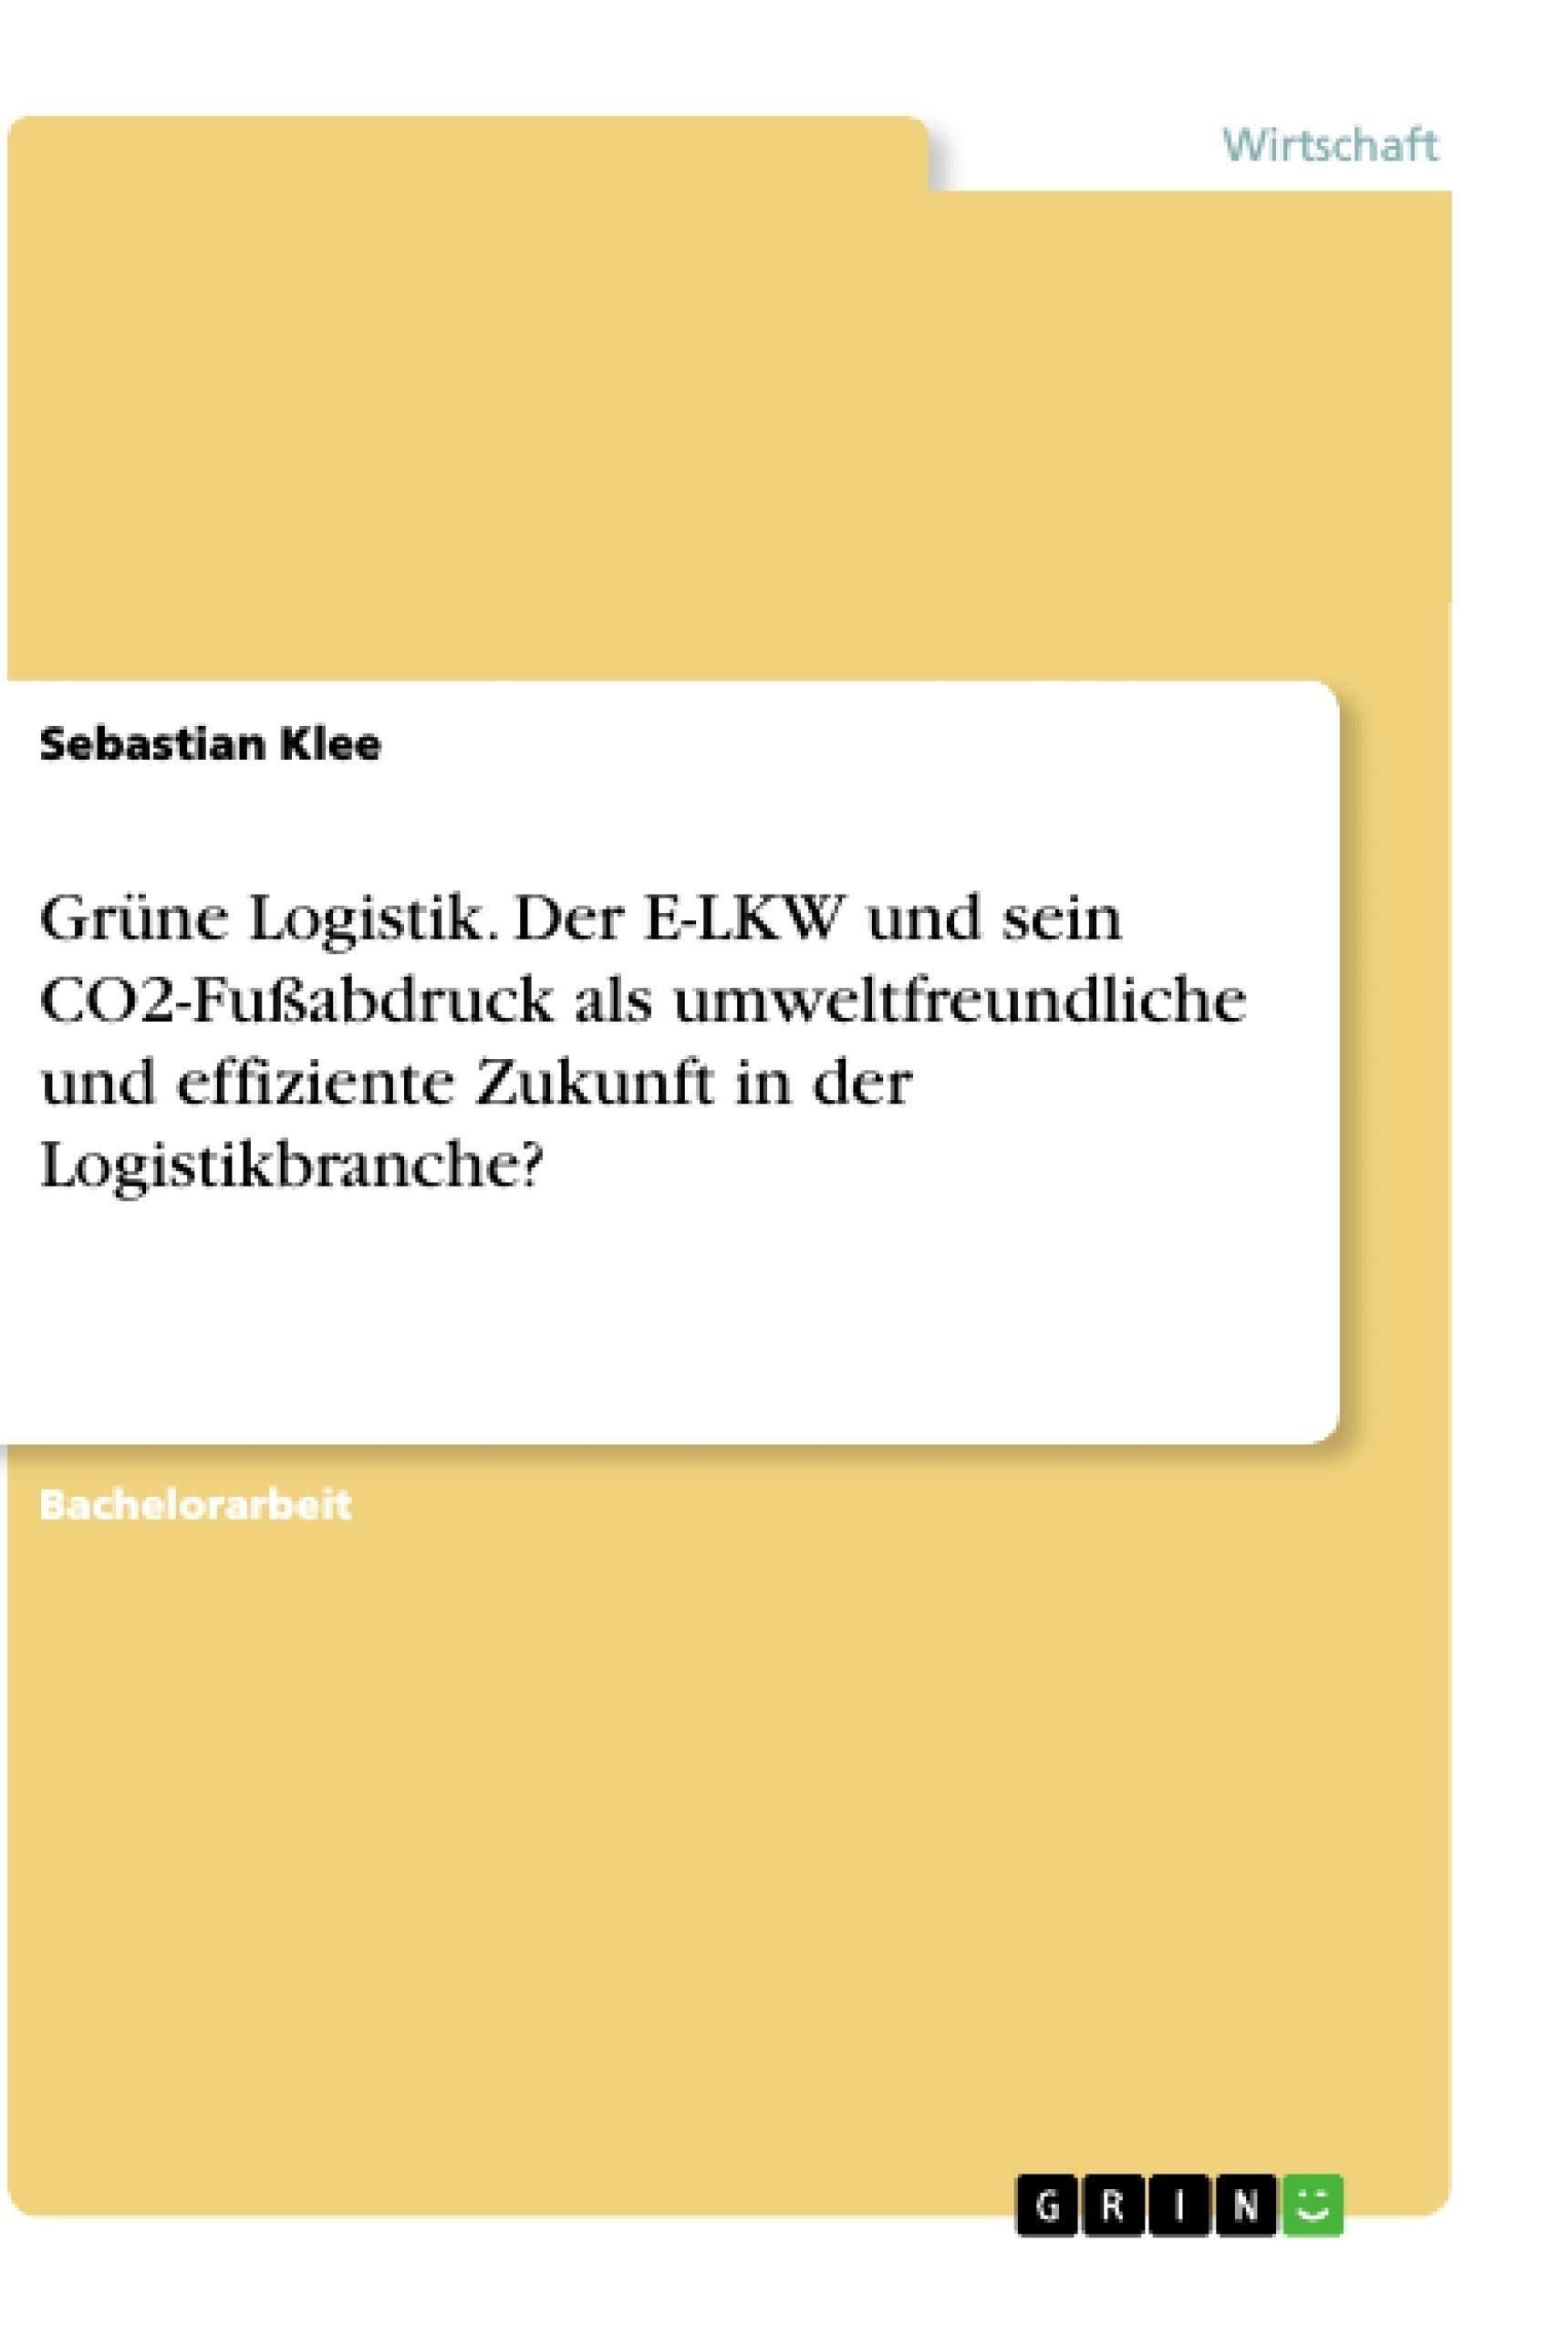 Titel: Grüne Logistik. Der E-LKW und sein CO2-Fußabdruck als umweltfreundliche und effiziente Zukunft in der Logistikbranche?